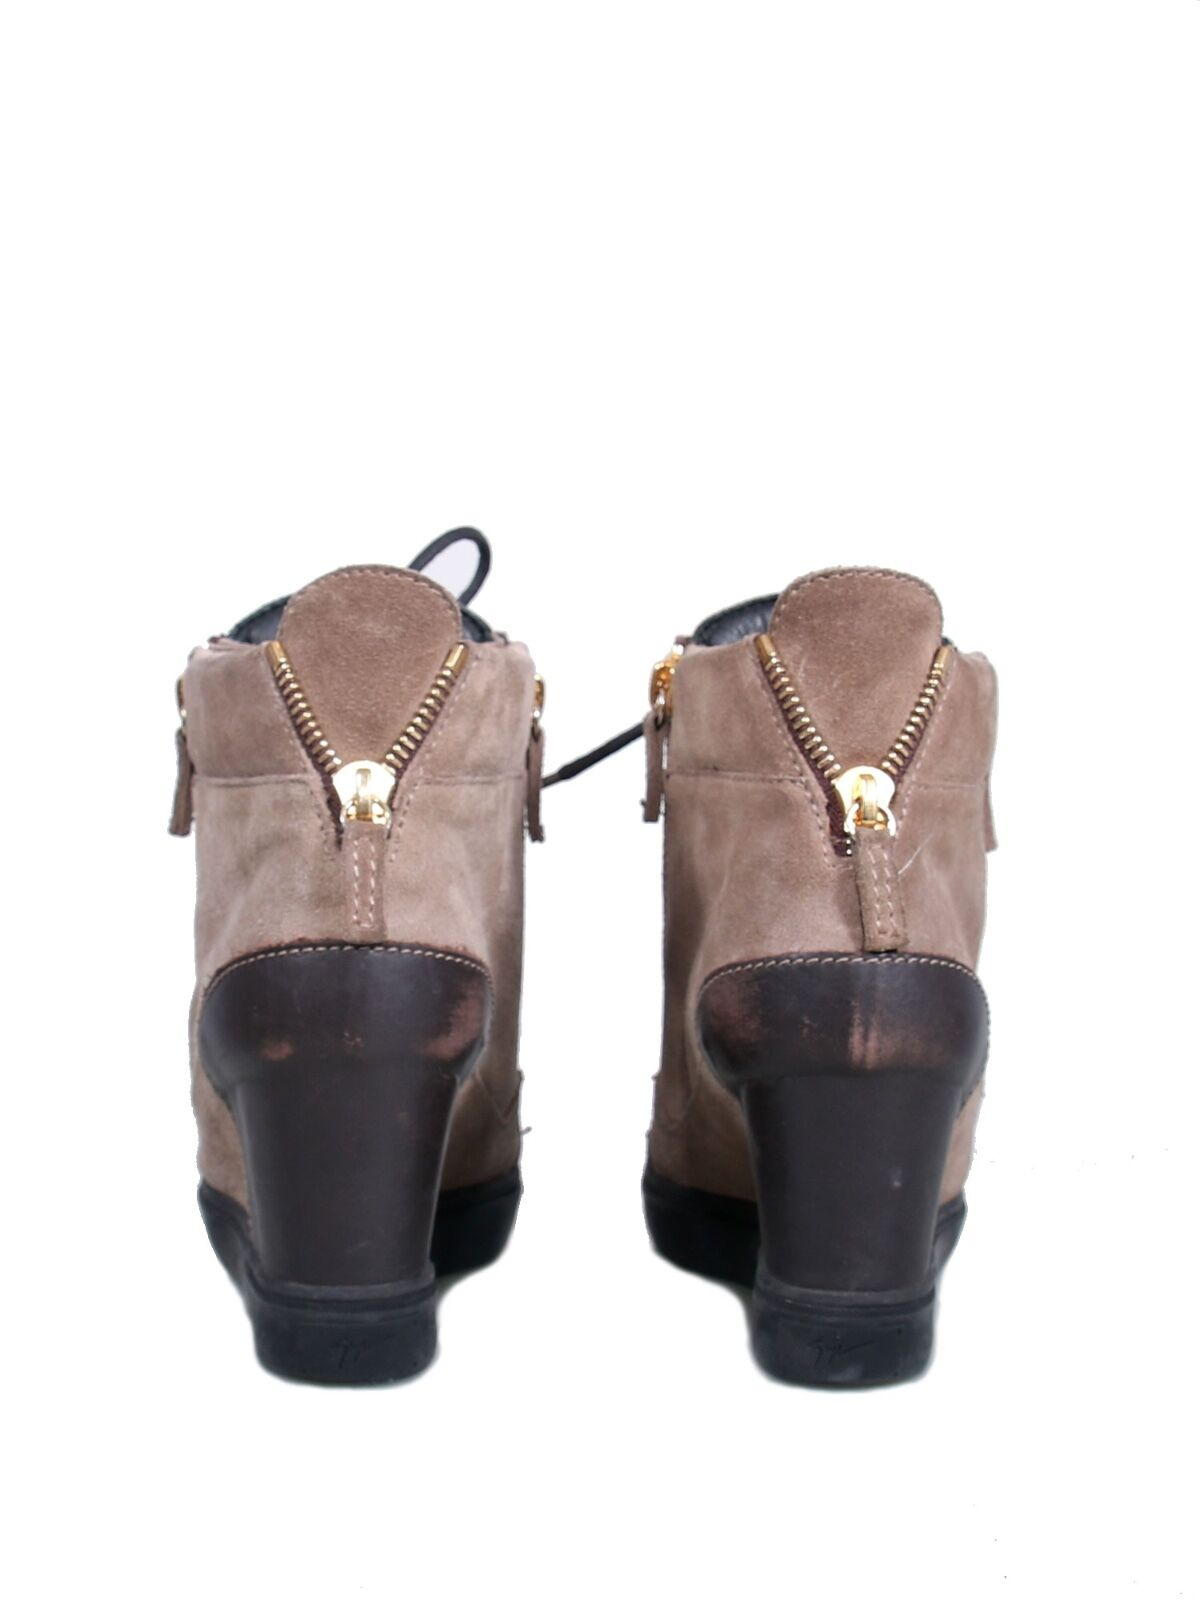 GIUSEPPE ZANOTTI Suede Suede Suede Wedge scarpe da ginnastica 2cb526